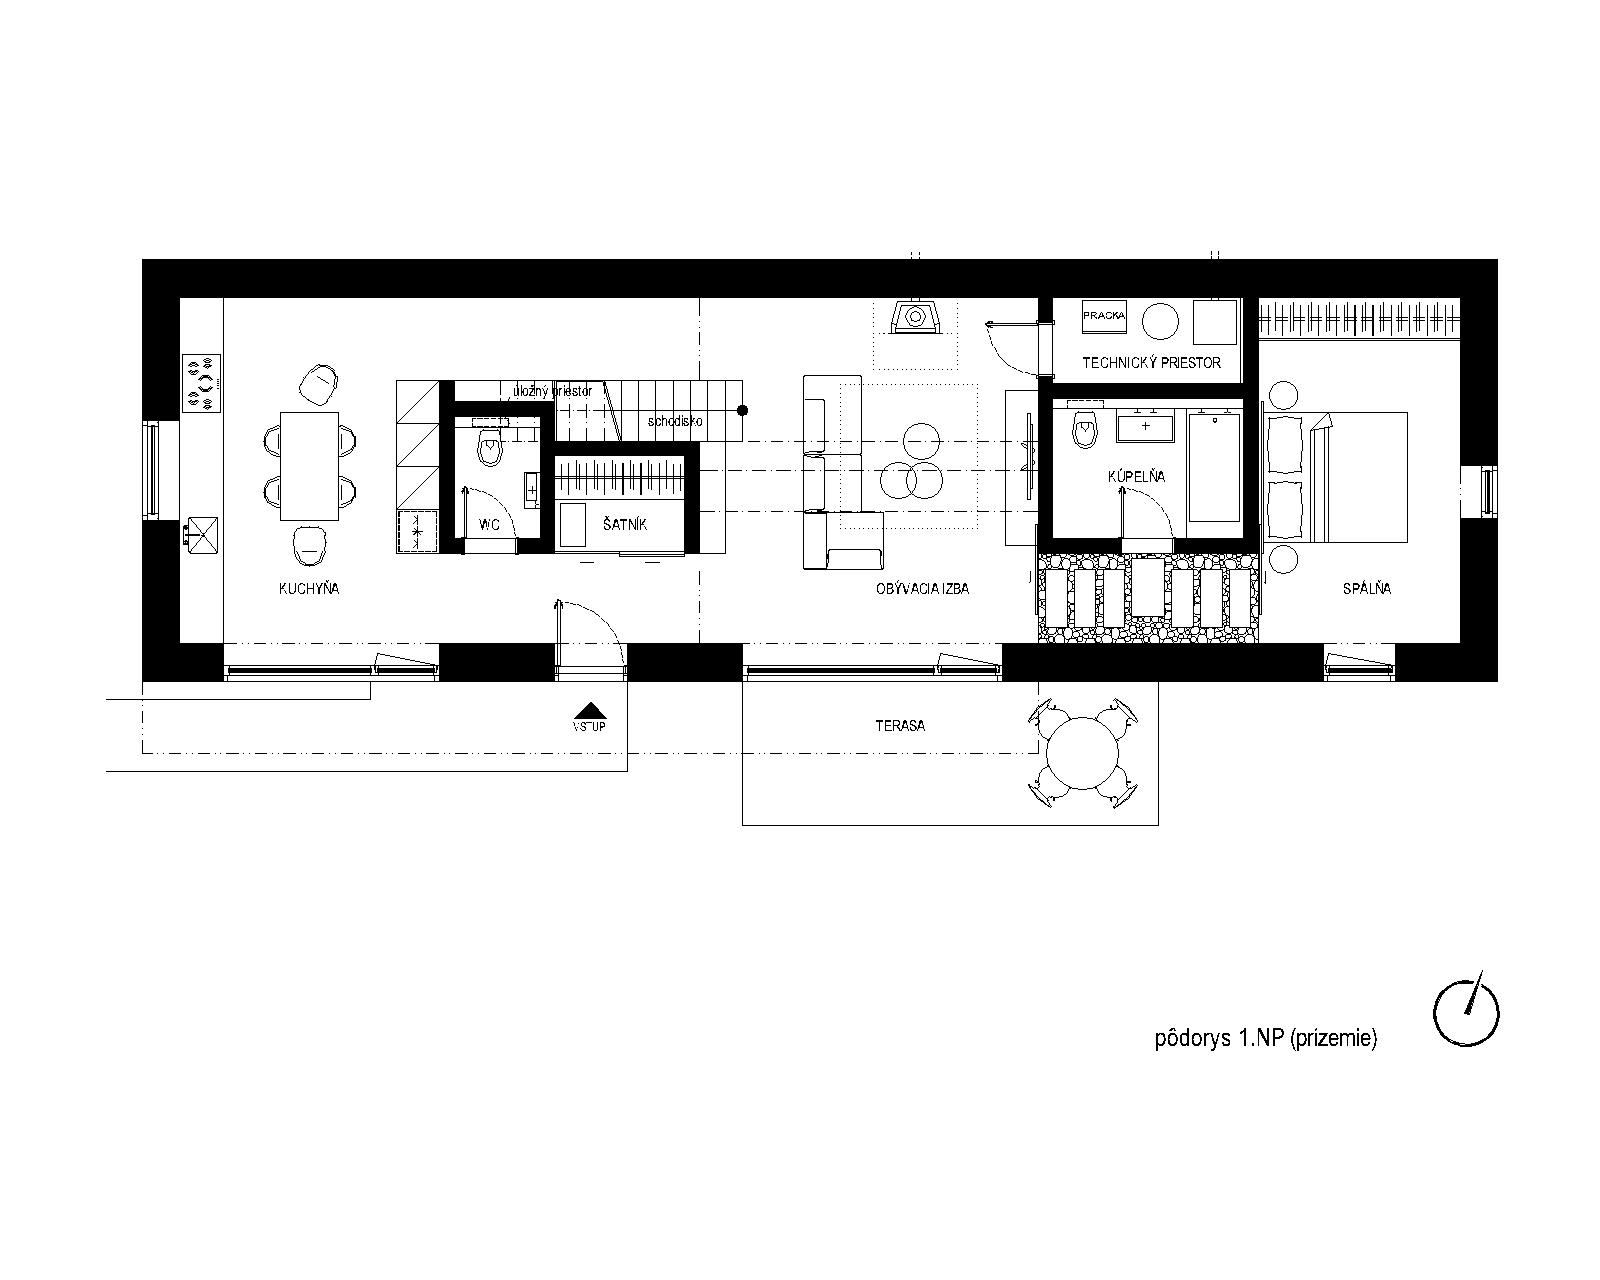 pasivny-rodinny-dom-novostavba-dubova-pri-modre-podorys-1NP-otvoreny-priestor-sedlova-strecha-podkrovny-priestor-dispozicia-navrh-od-architekta-obyvacia-izba-moderna-kuchyna